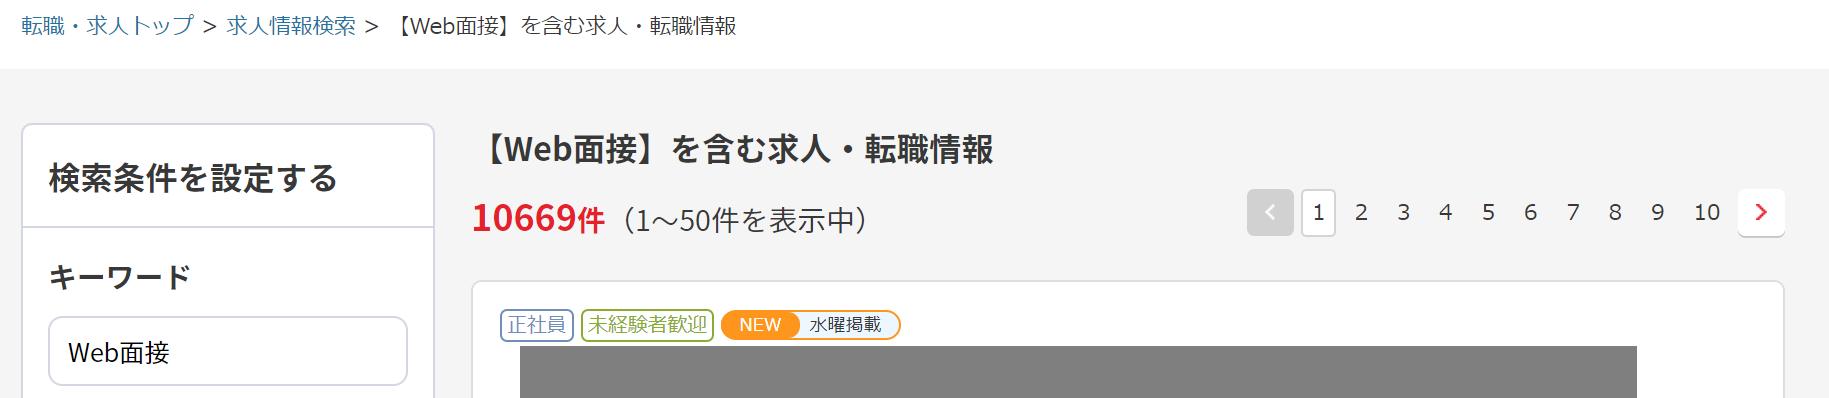 リクナビNEXT上でWeb面接を含む求人検索